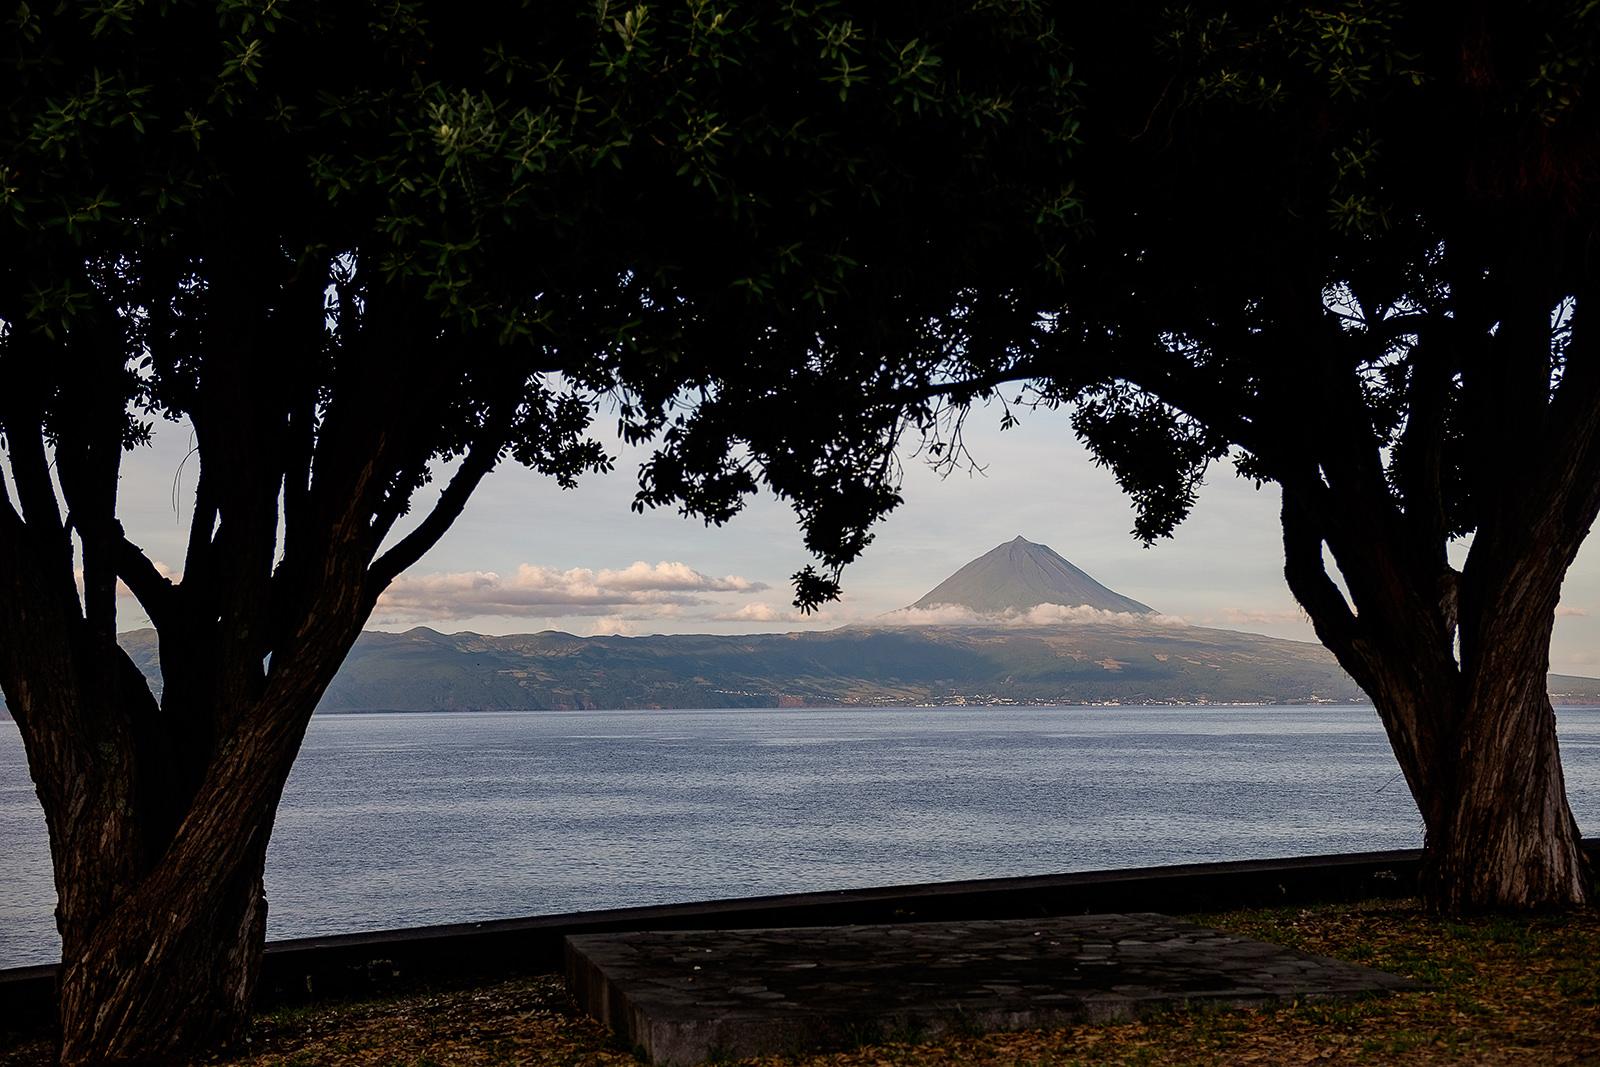 acores_pico_azores_island.jpg